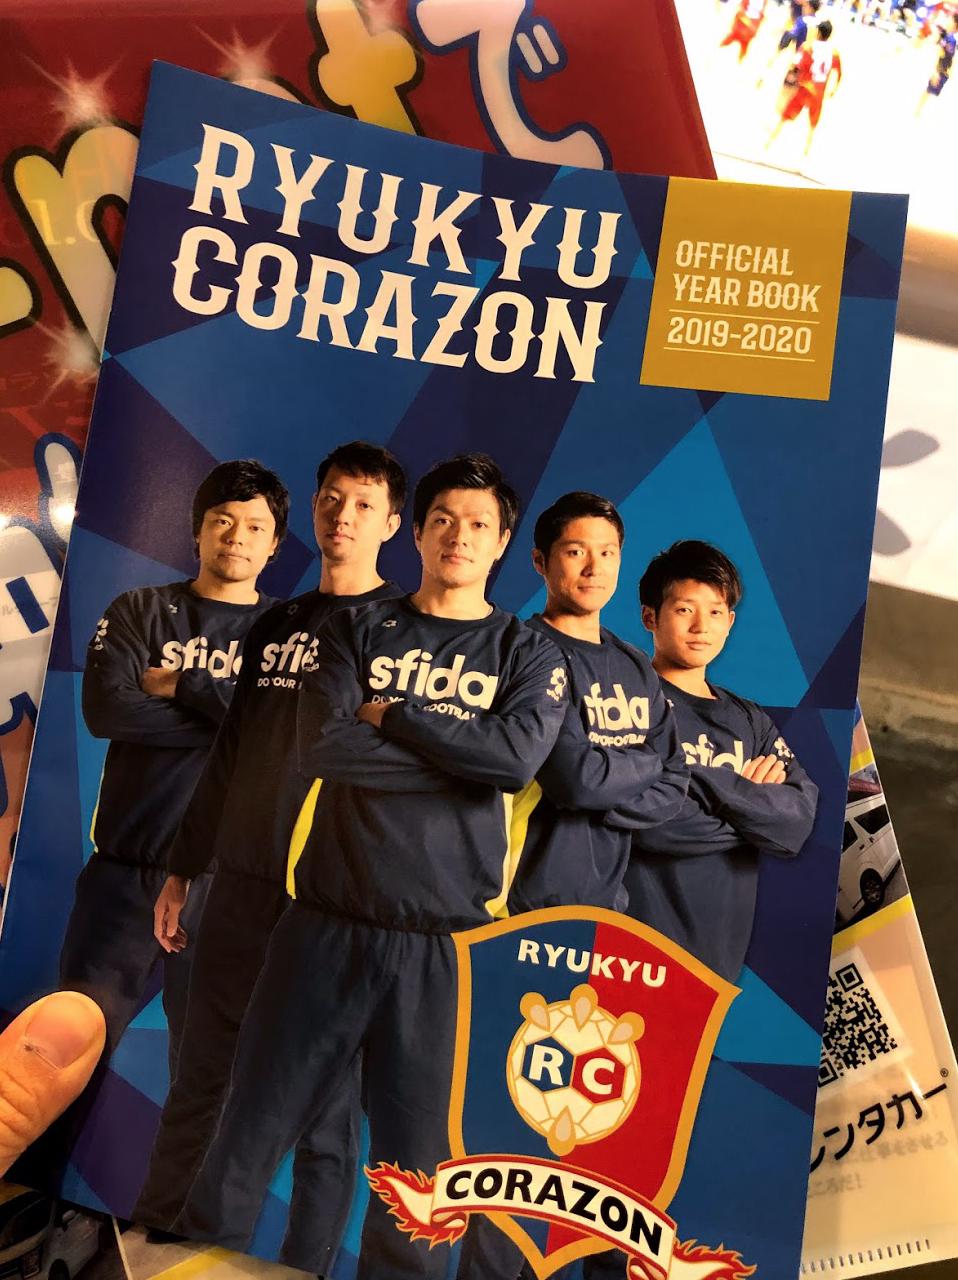 【ブログ】琉球コラソン 試合観戦